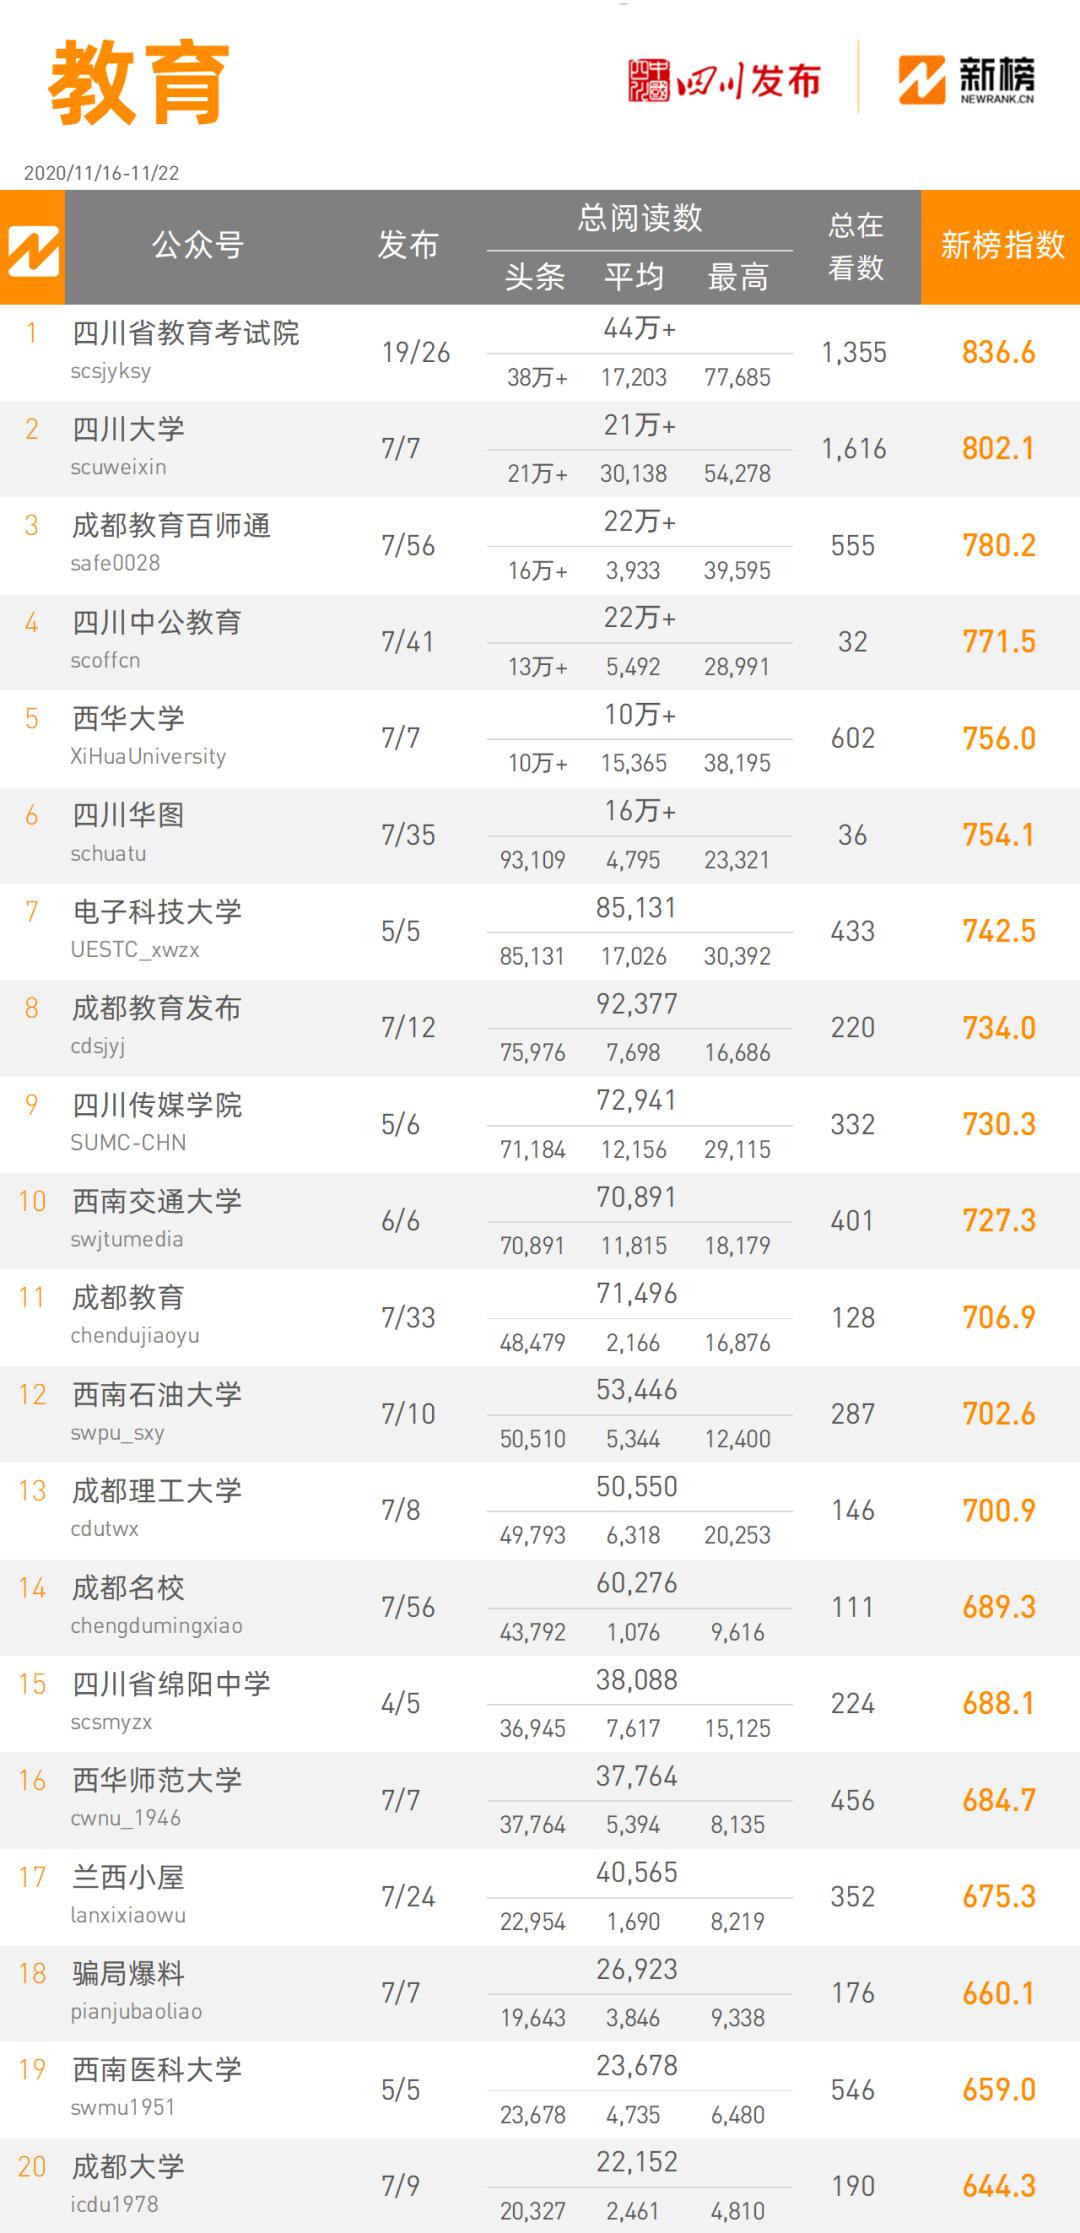 全省政务微信公众号榜单(11月16日-22日)出炉 周榜